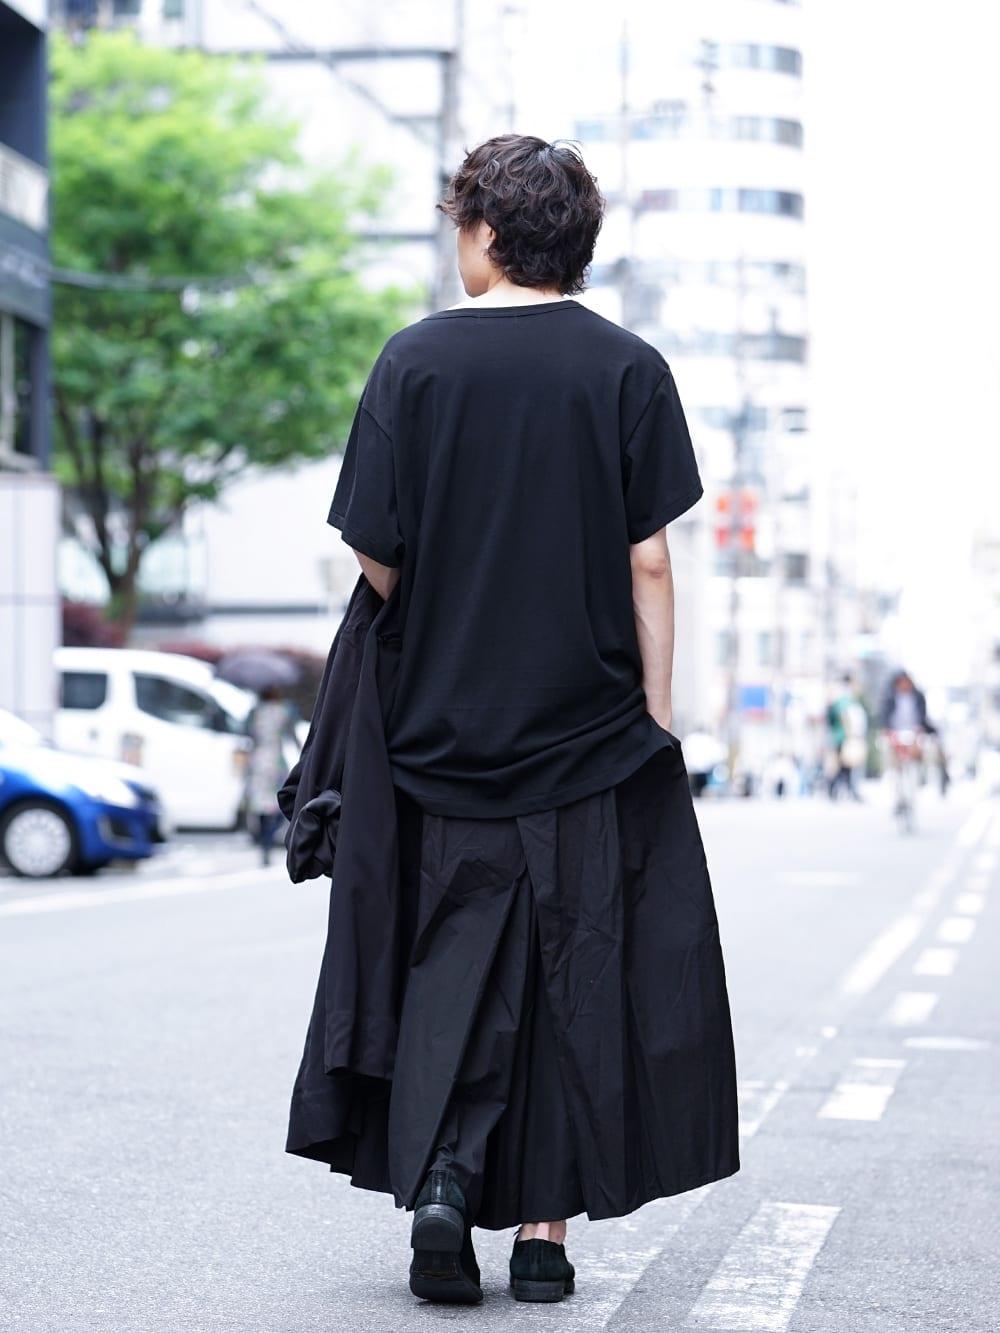 Yohji Yamamoto 19SS HAKAMA Pants 2Way Coordinate - 3-003